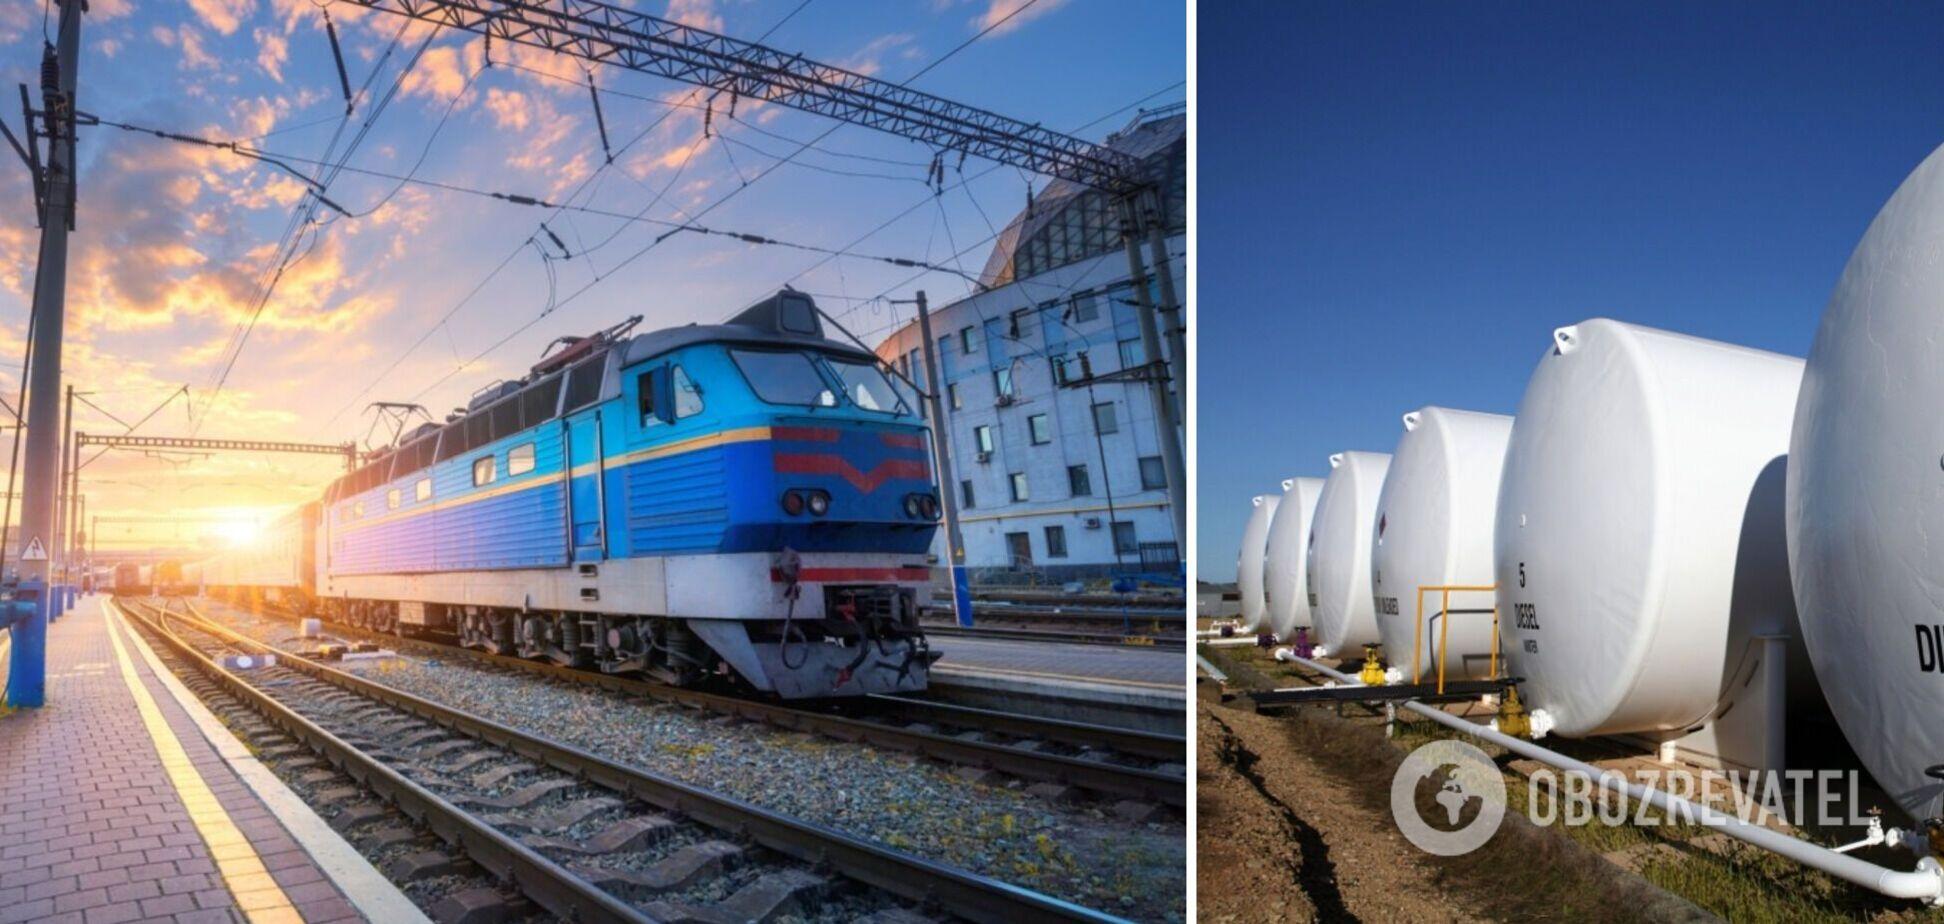 'Укрзалізниця' придбала 20 тис. т дизельного палива за формулою 'Роттердам+$66/т'